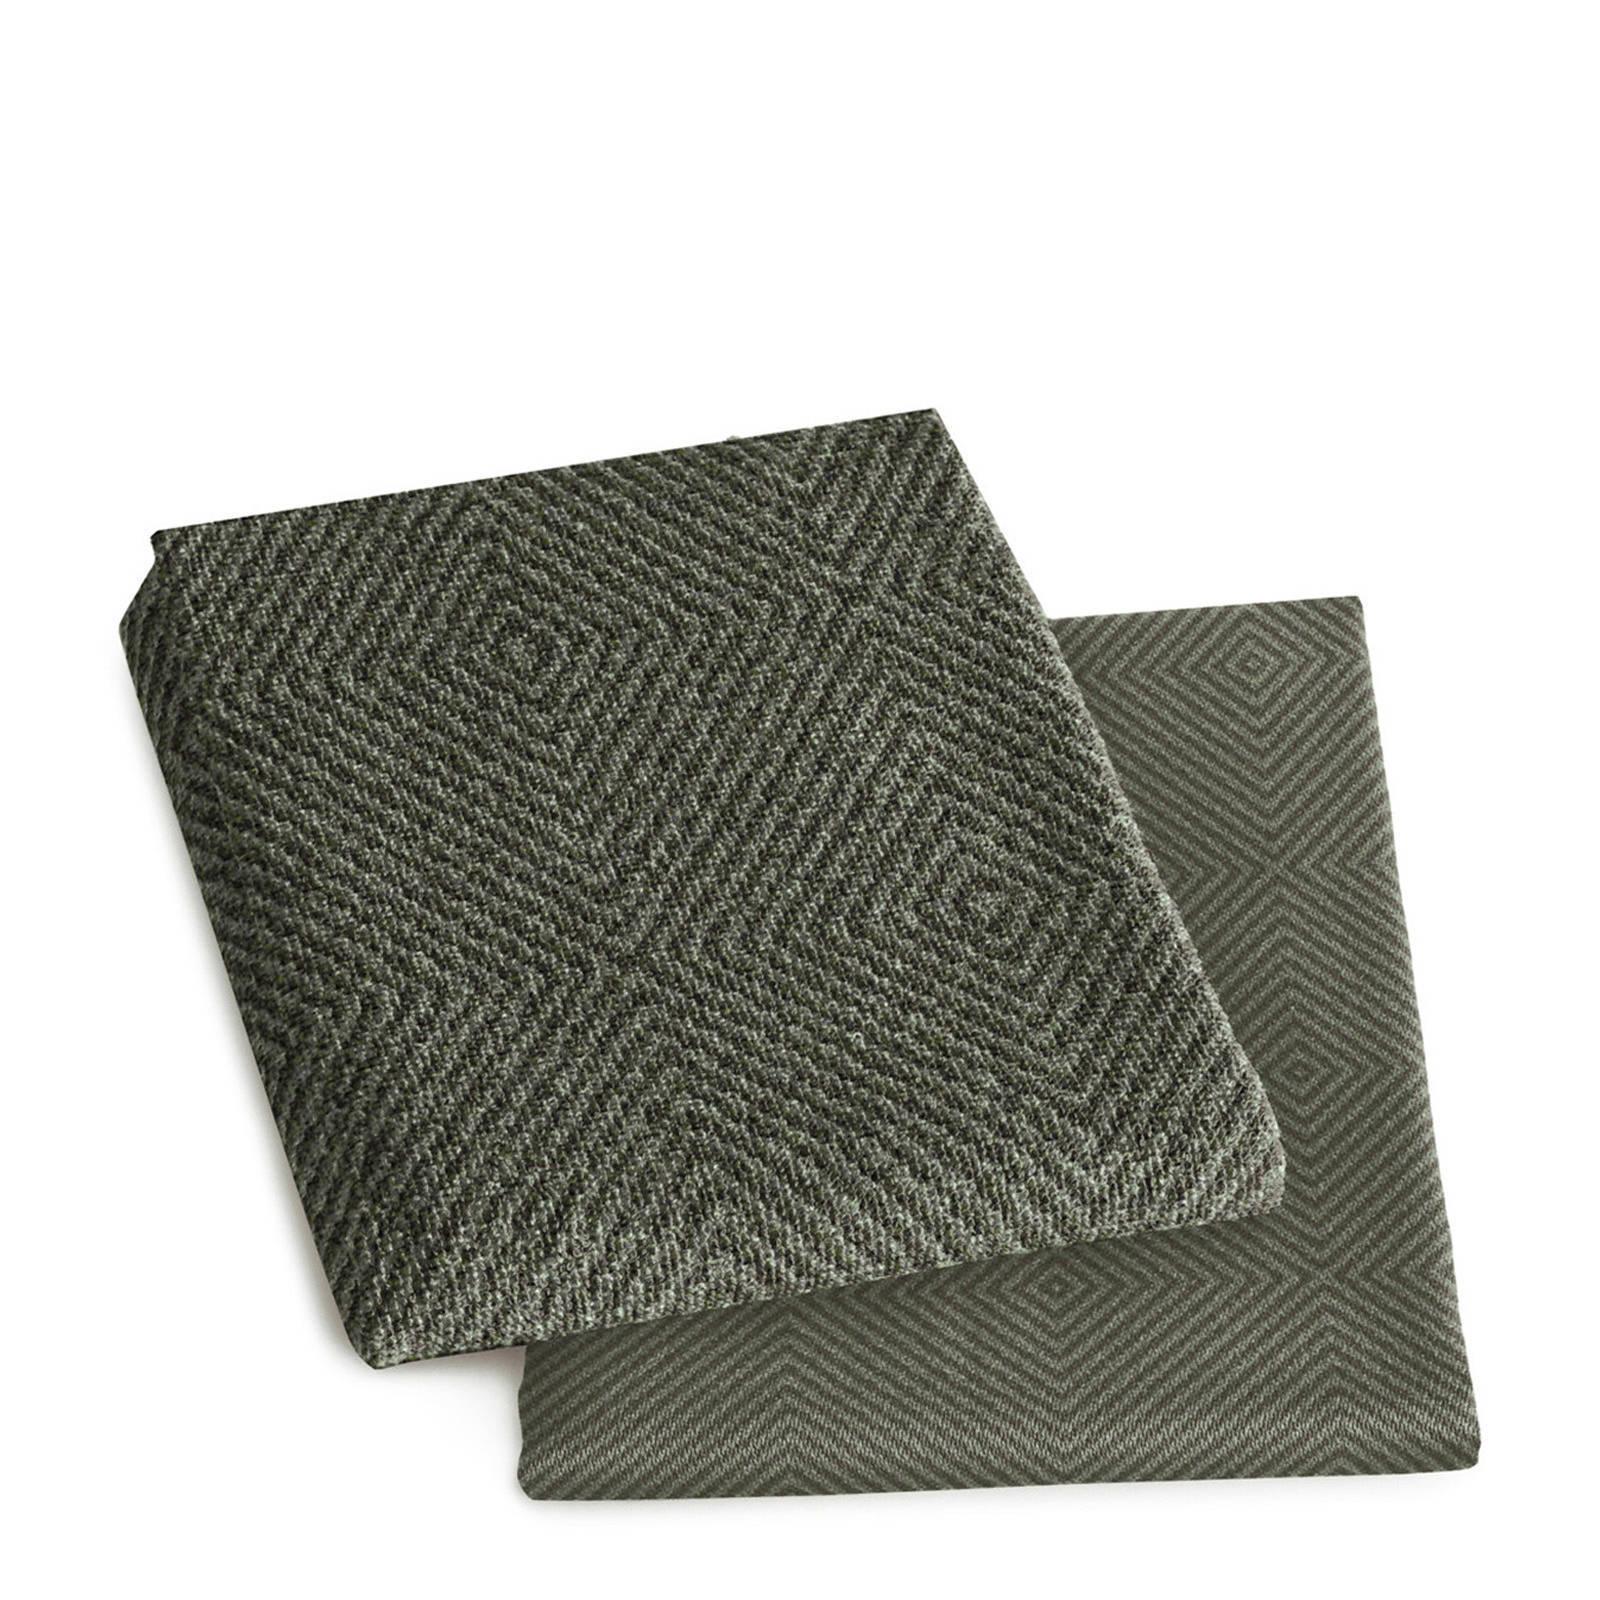 DDDDD Ciris thee- en keukenhanddoek (60x65 / 50x55 cm) (set van 2) online kopen